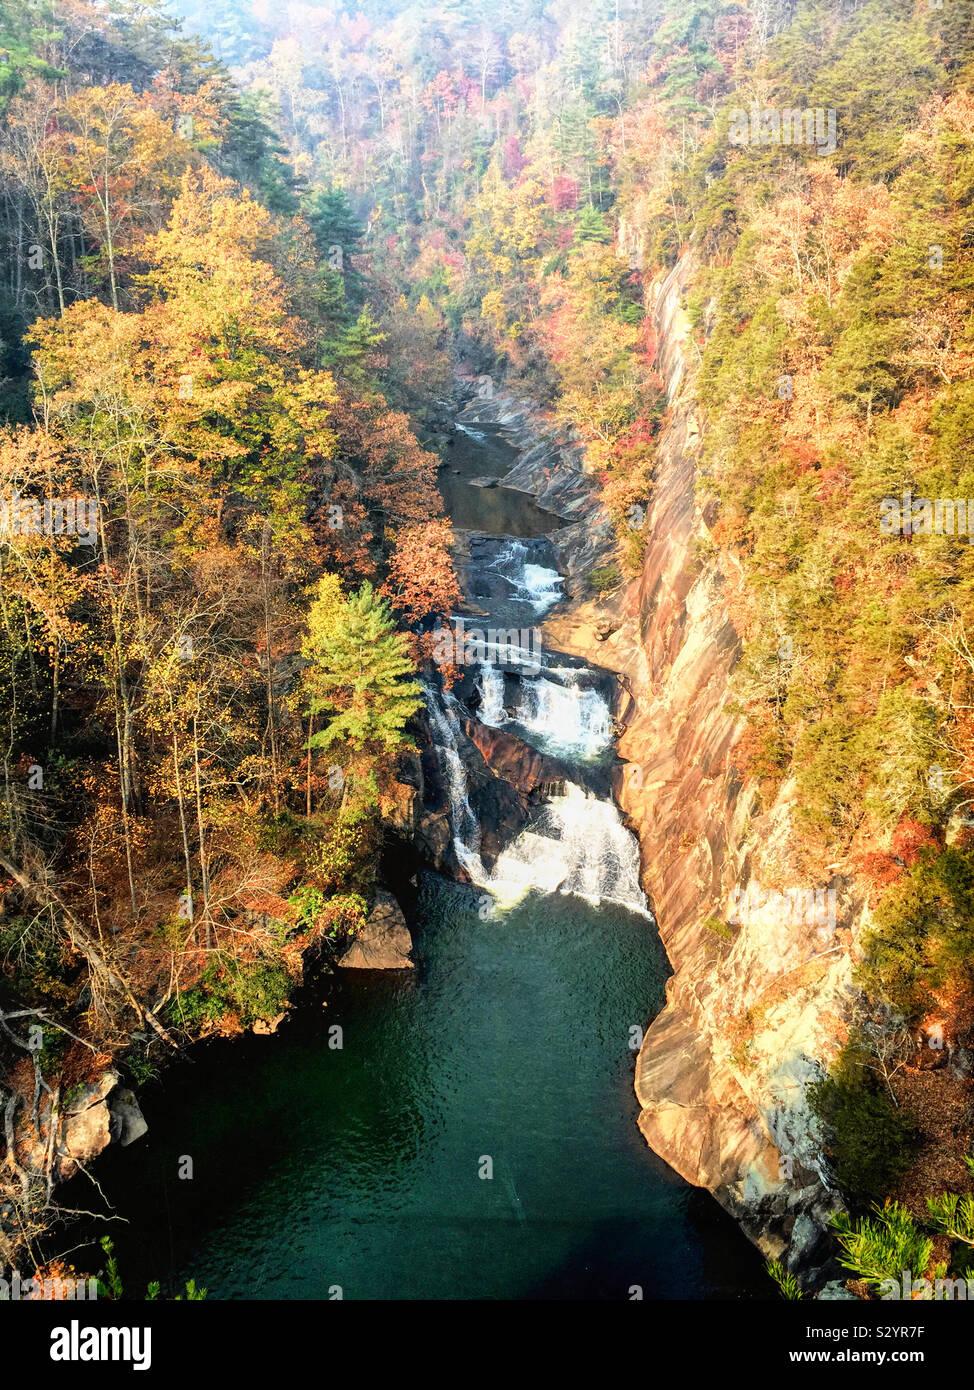 Mit Blick von oben in Tallulah Gorge an Tempesta fällt und Hawthorne Kaskade und Pool auf dem Tallulah River in Wapakoneta fällt Georgien. Herbst Blatt Farbe auf die Blue Ridge Mountains. Stockfoto